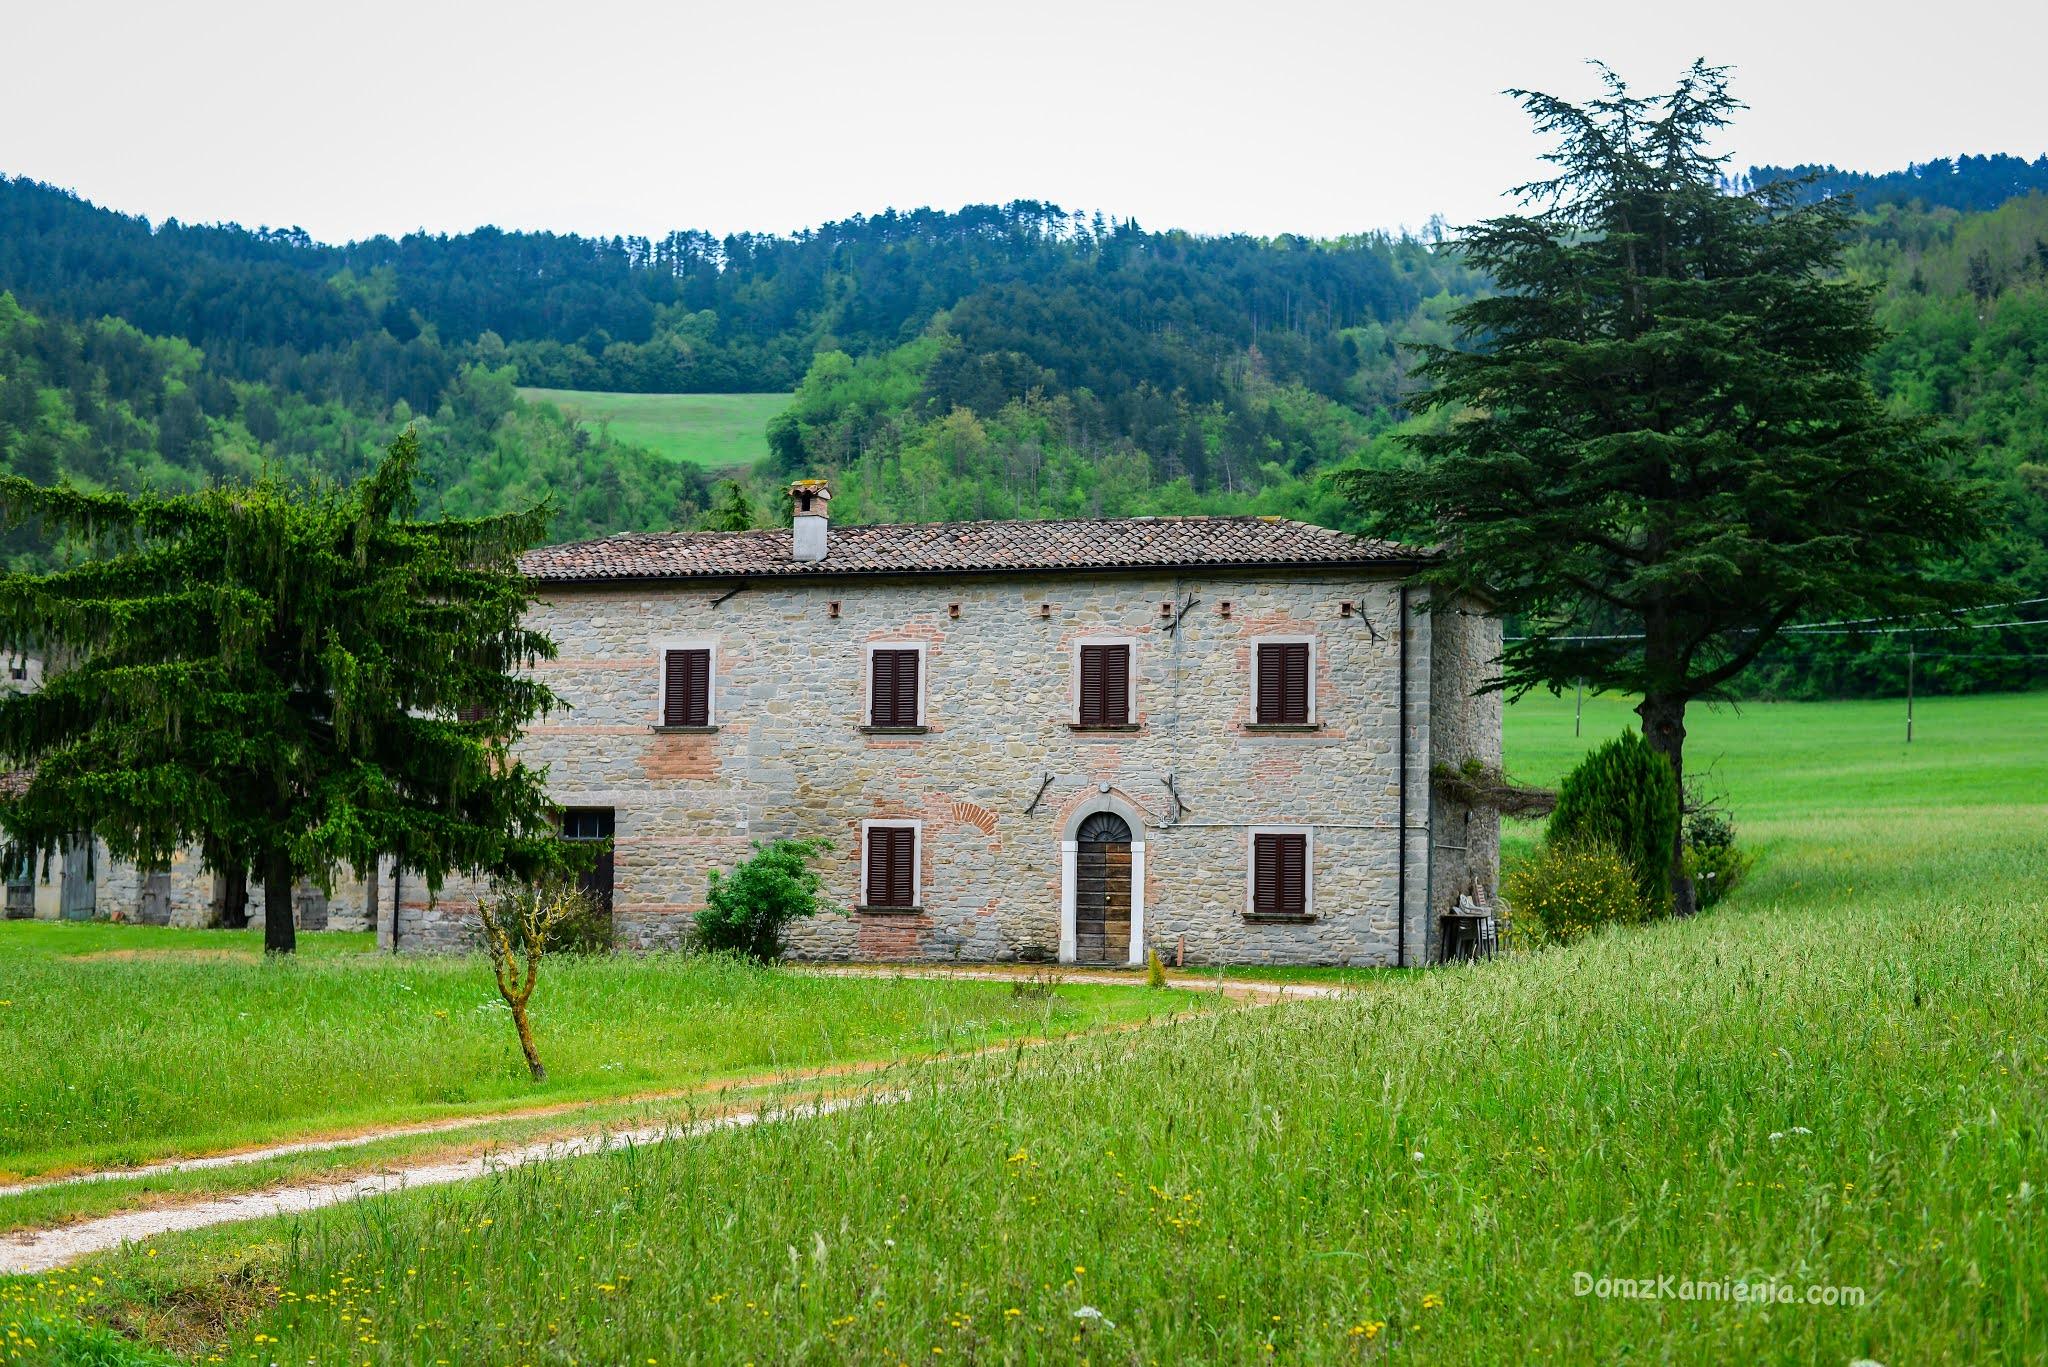 Dom z Kamienia - blog o życiu w Toskanii